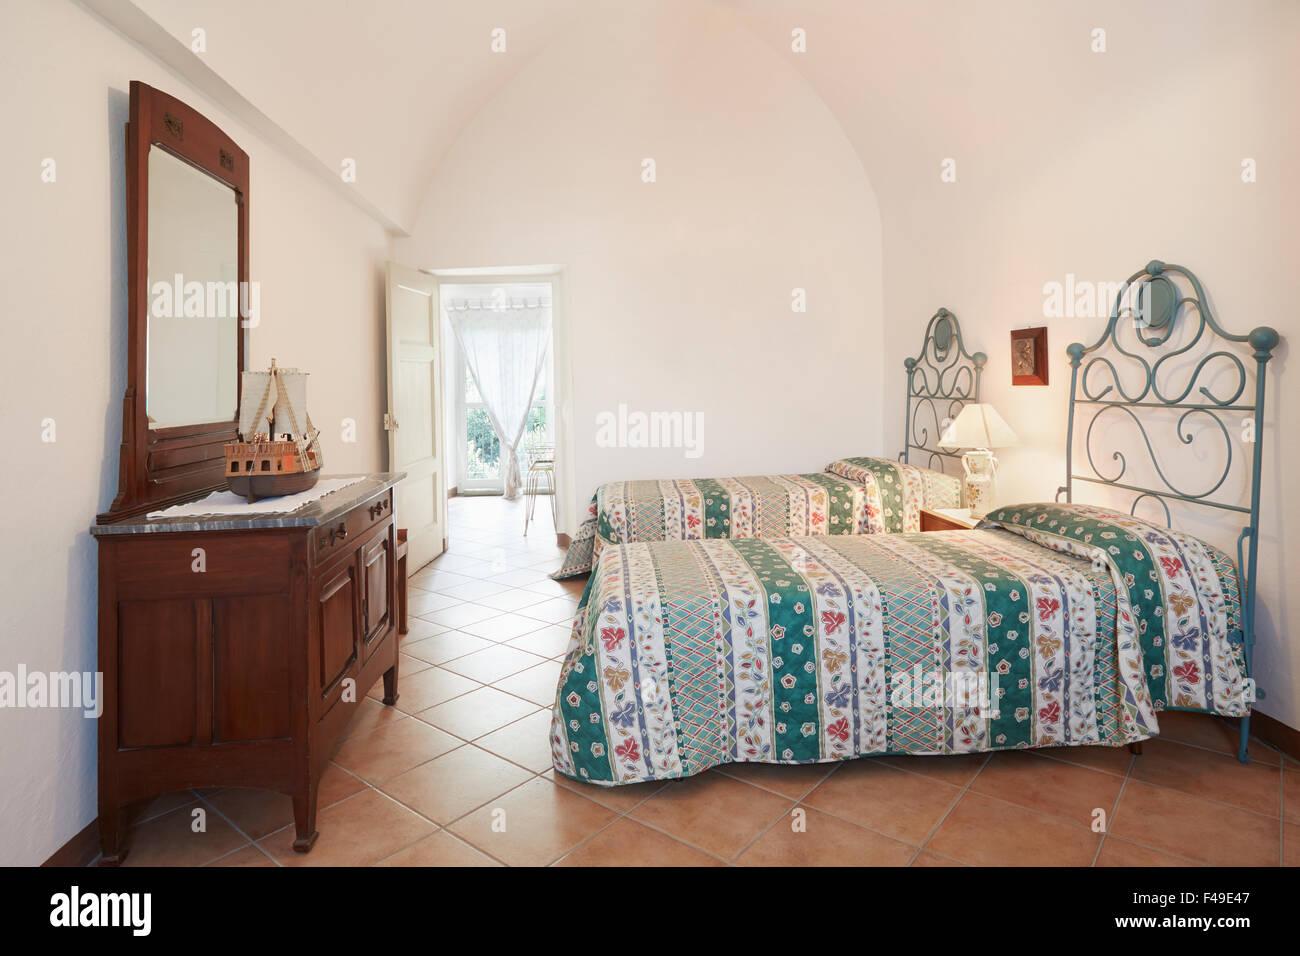 Testata Letto Con Porta Vecchia vecchia camera da letto con due letti singoli in antico